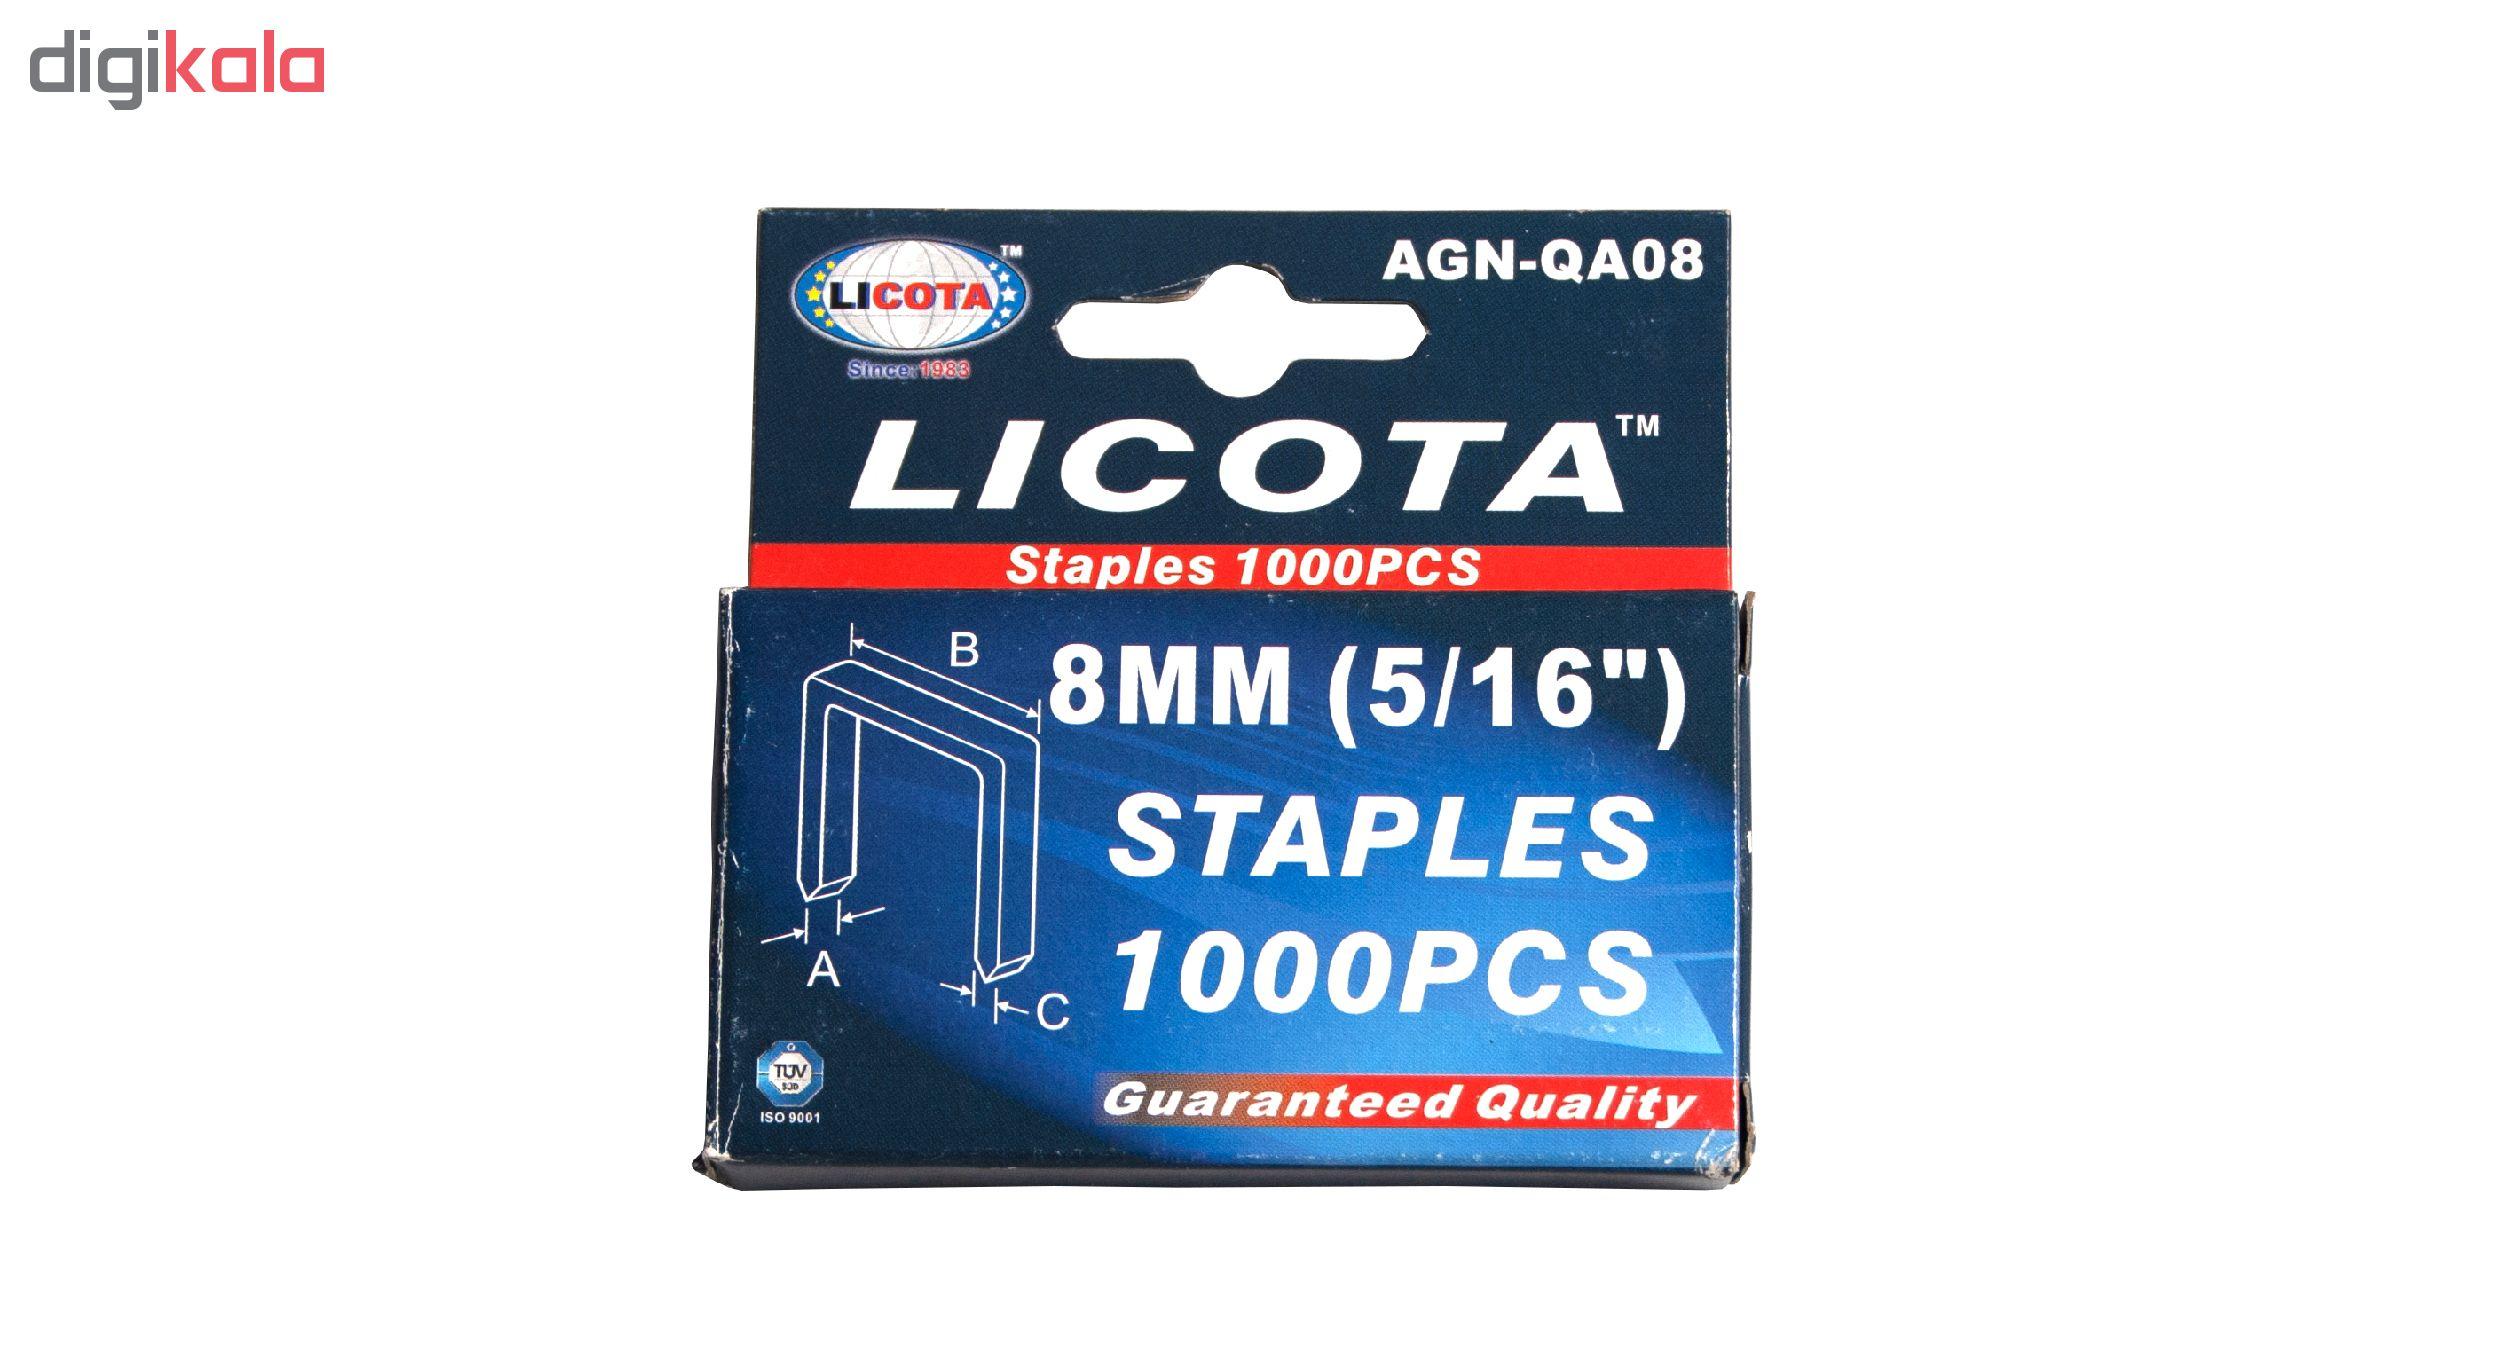 سوزن منگنه لیکوتا مدل AGN-QA08 سایز 8 میلی متر بسته 1000 عددی